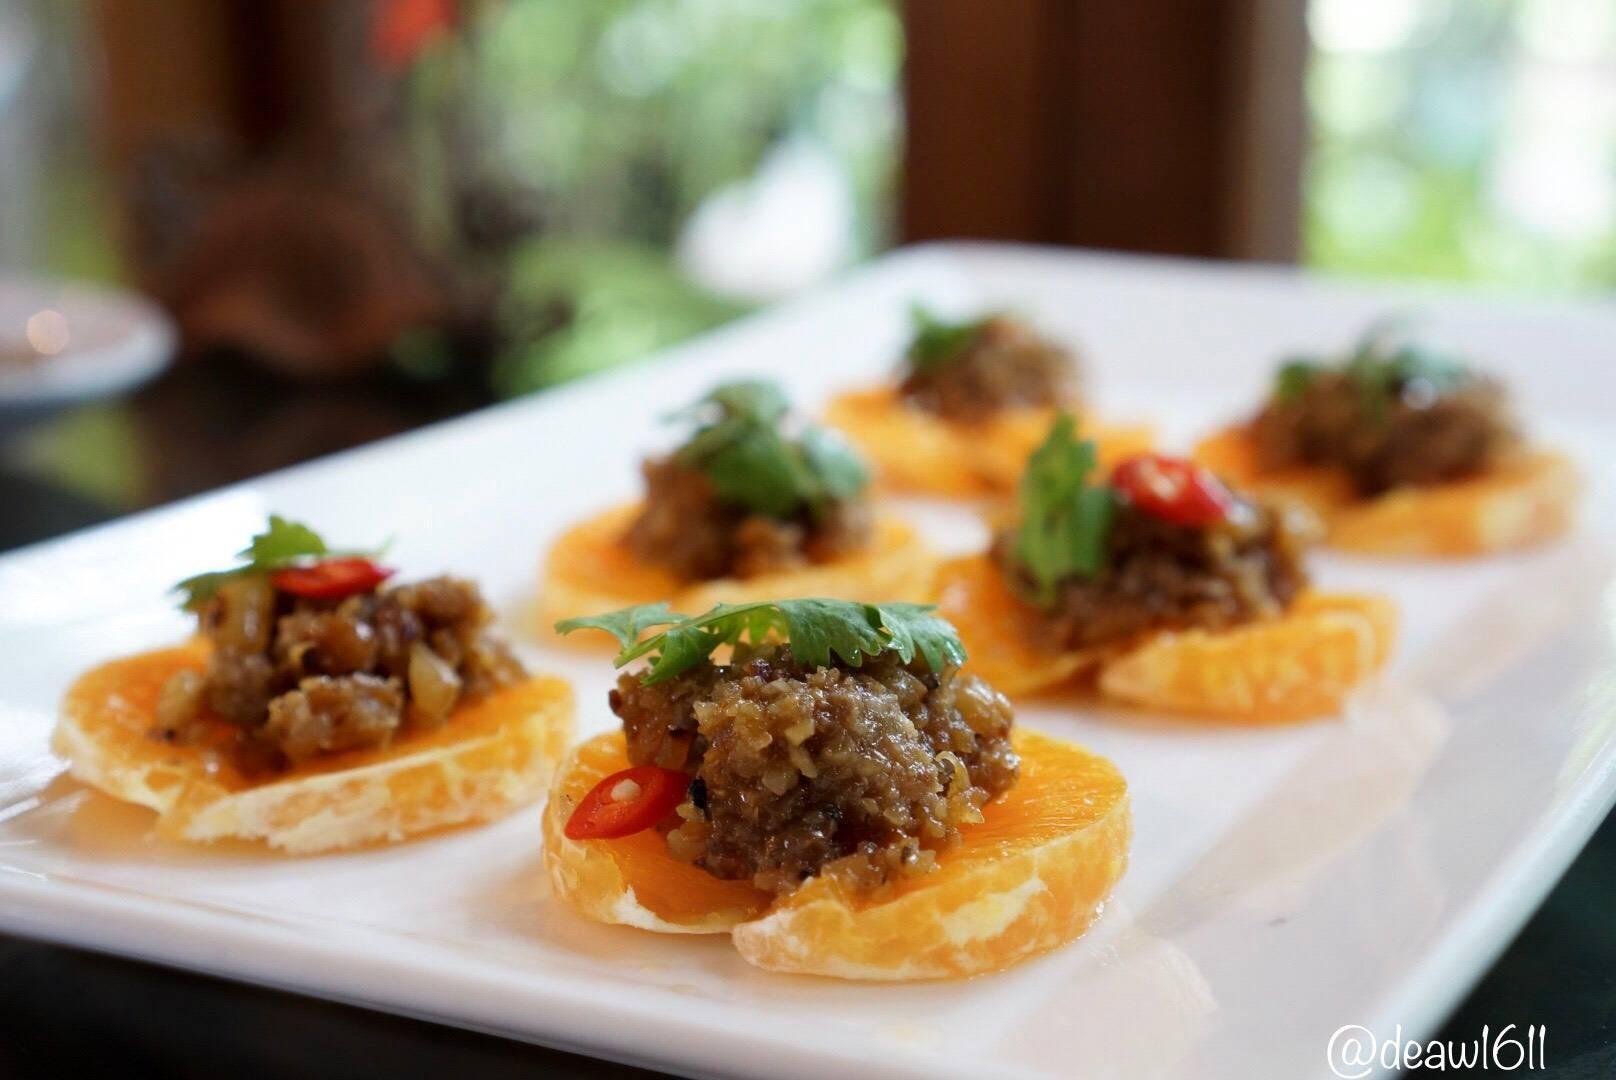 อาหารว่างไทยโบราณ รสชาติคล้ายสาคูไส้หมู กินคู่กับผลไม้รสเปรี้ยว